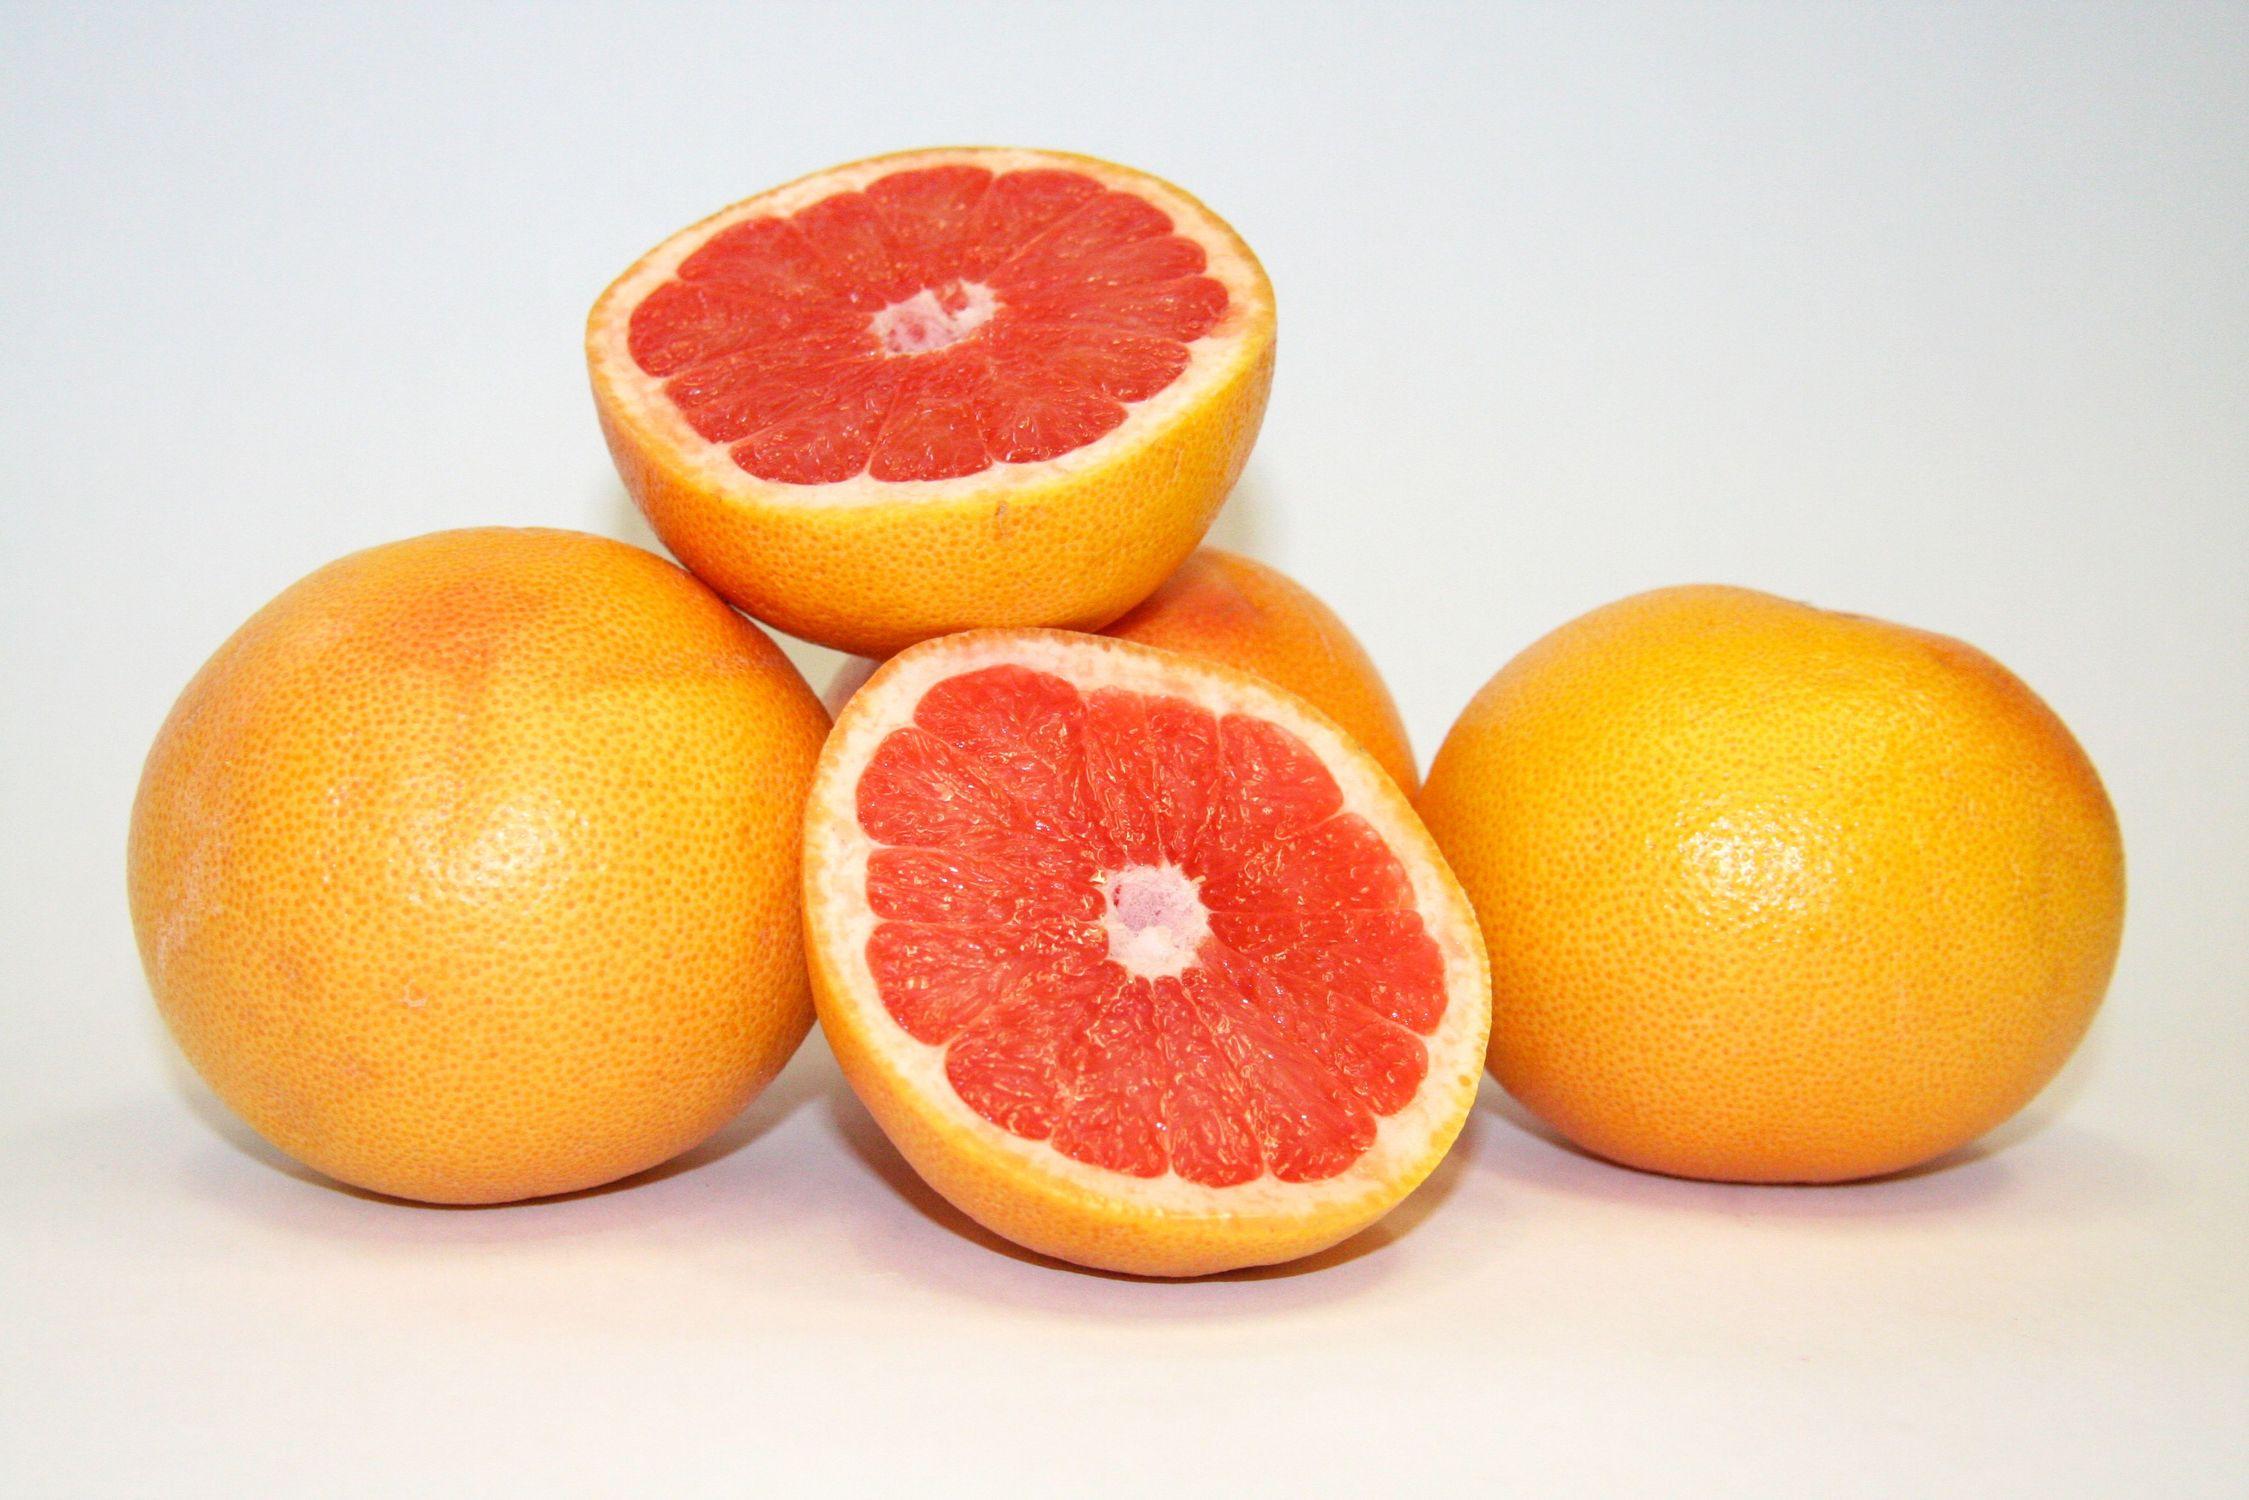 Bild mit Früchte, Lebensmittel, Essen, Zitrusfrüchte, Orangen, Grapefruits, Mandarinen, Frucht, Grapefruit, Blutorange